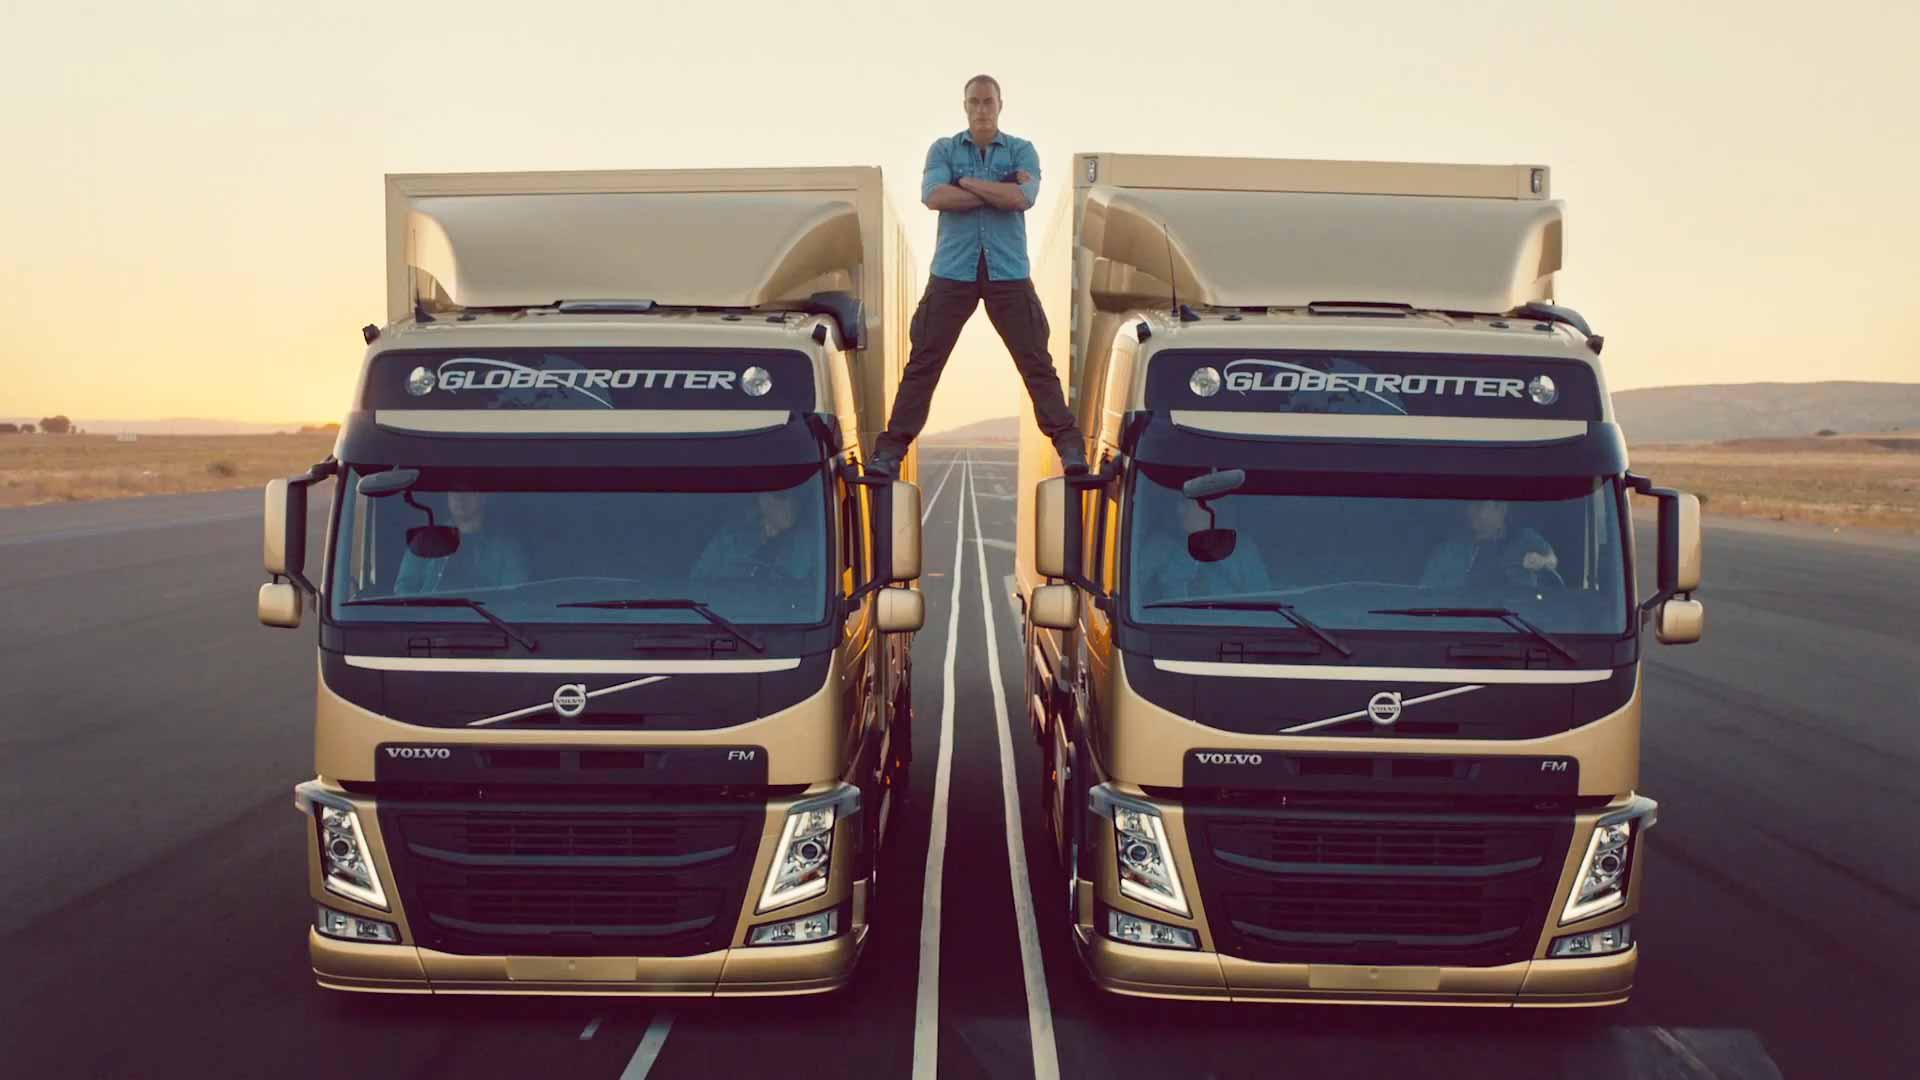 jean-claude-van-damme-and-2-volvo-trucks-epic-split-image10